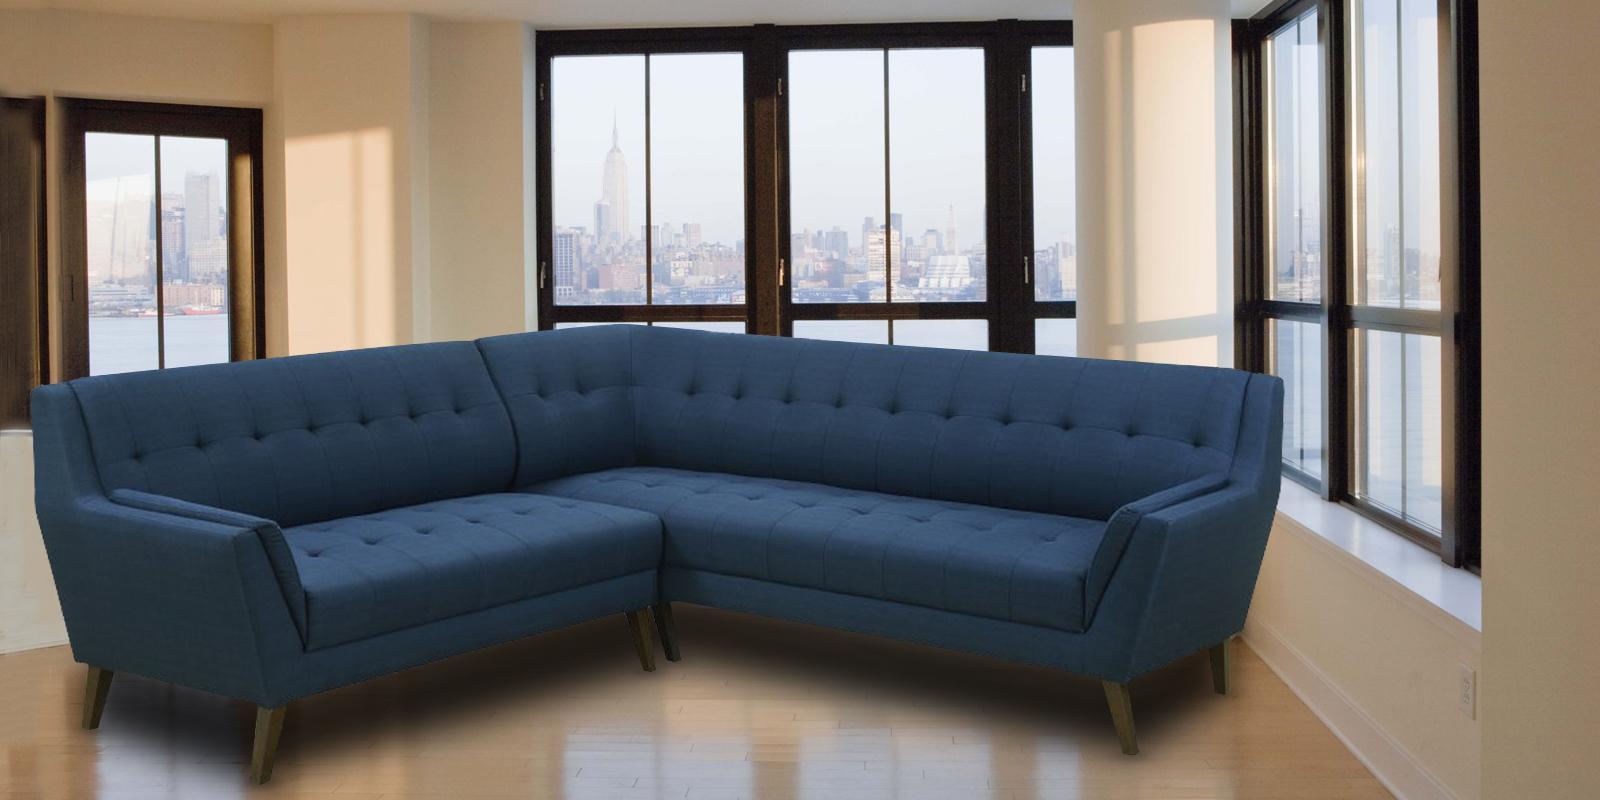 Annabel RHS Sofa In Blue Colour